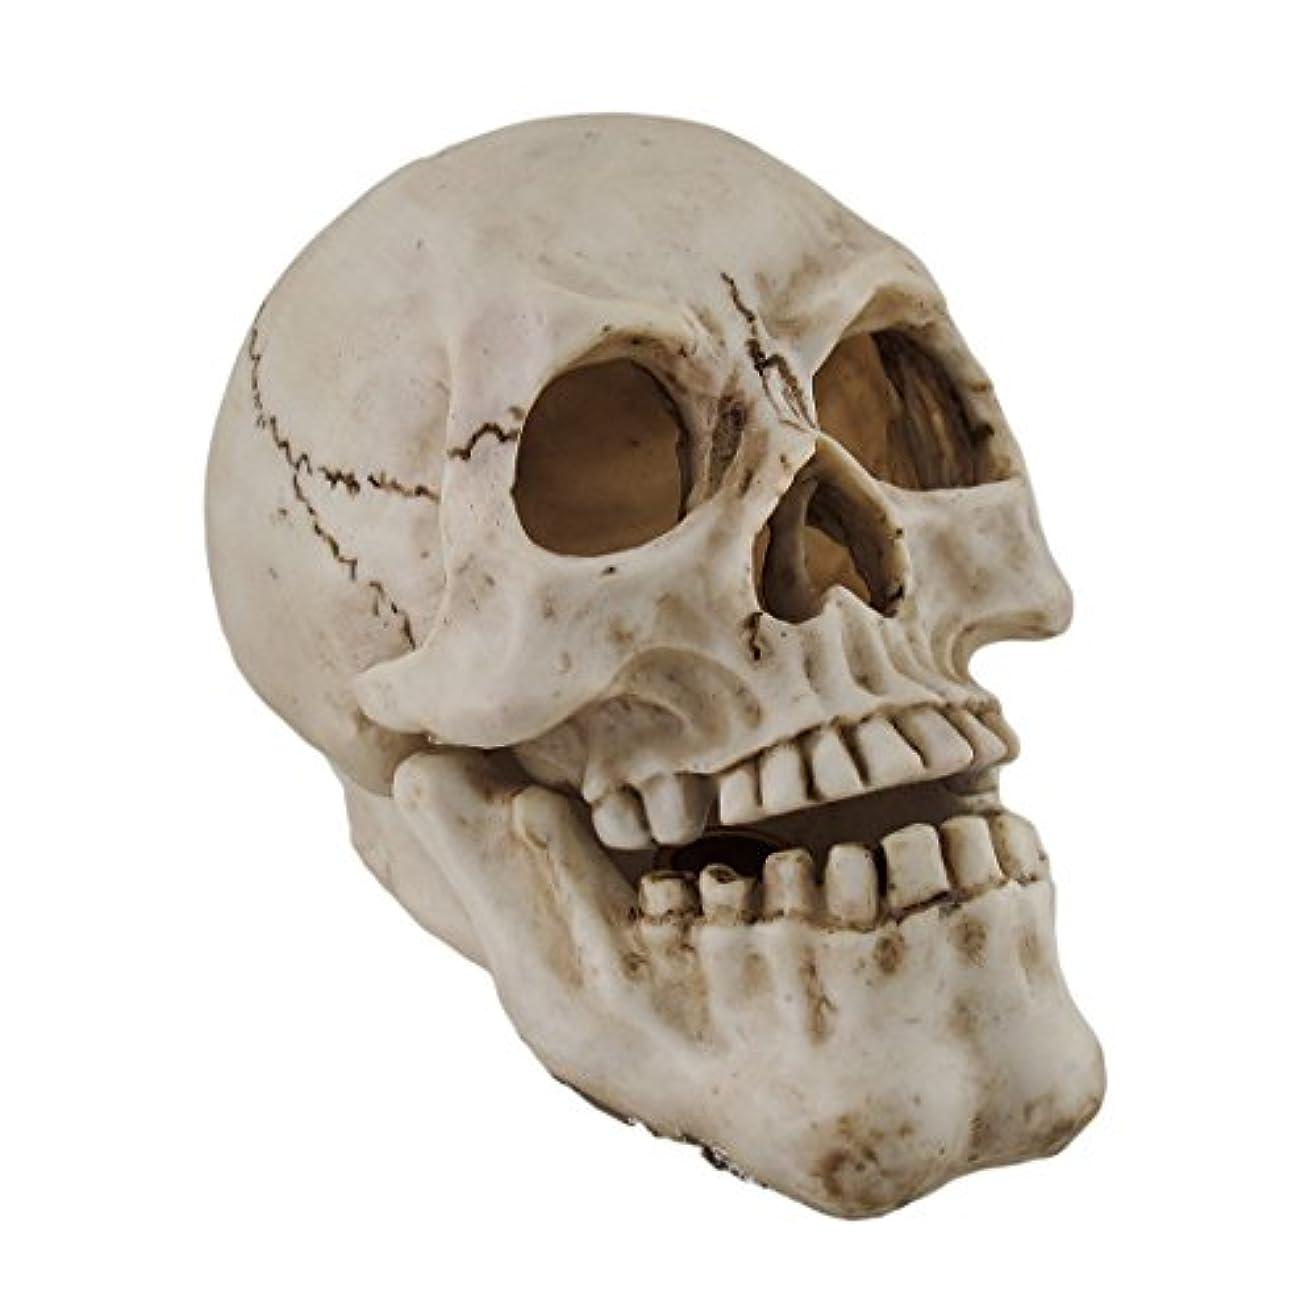 社会科費用出します樹脂IncenseホルダーHuman Skull Shaped Incense Burnerボックス7.75 X 5.75 X 4.5インチホワイトモデル# pwh-63